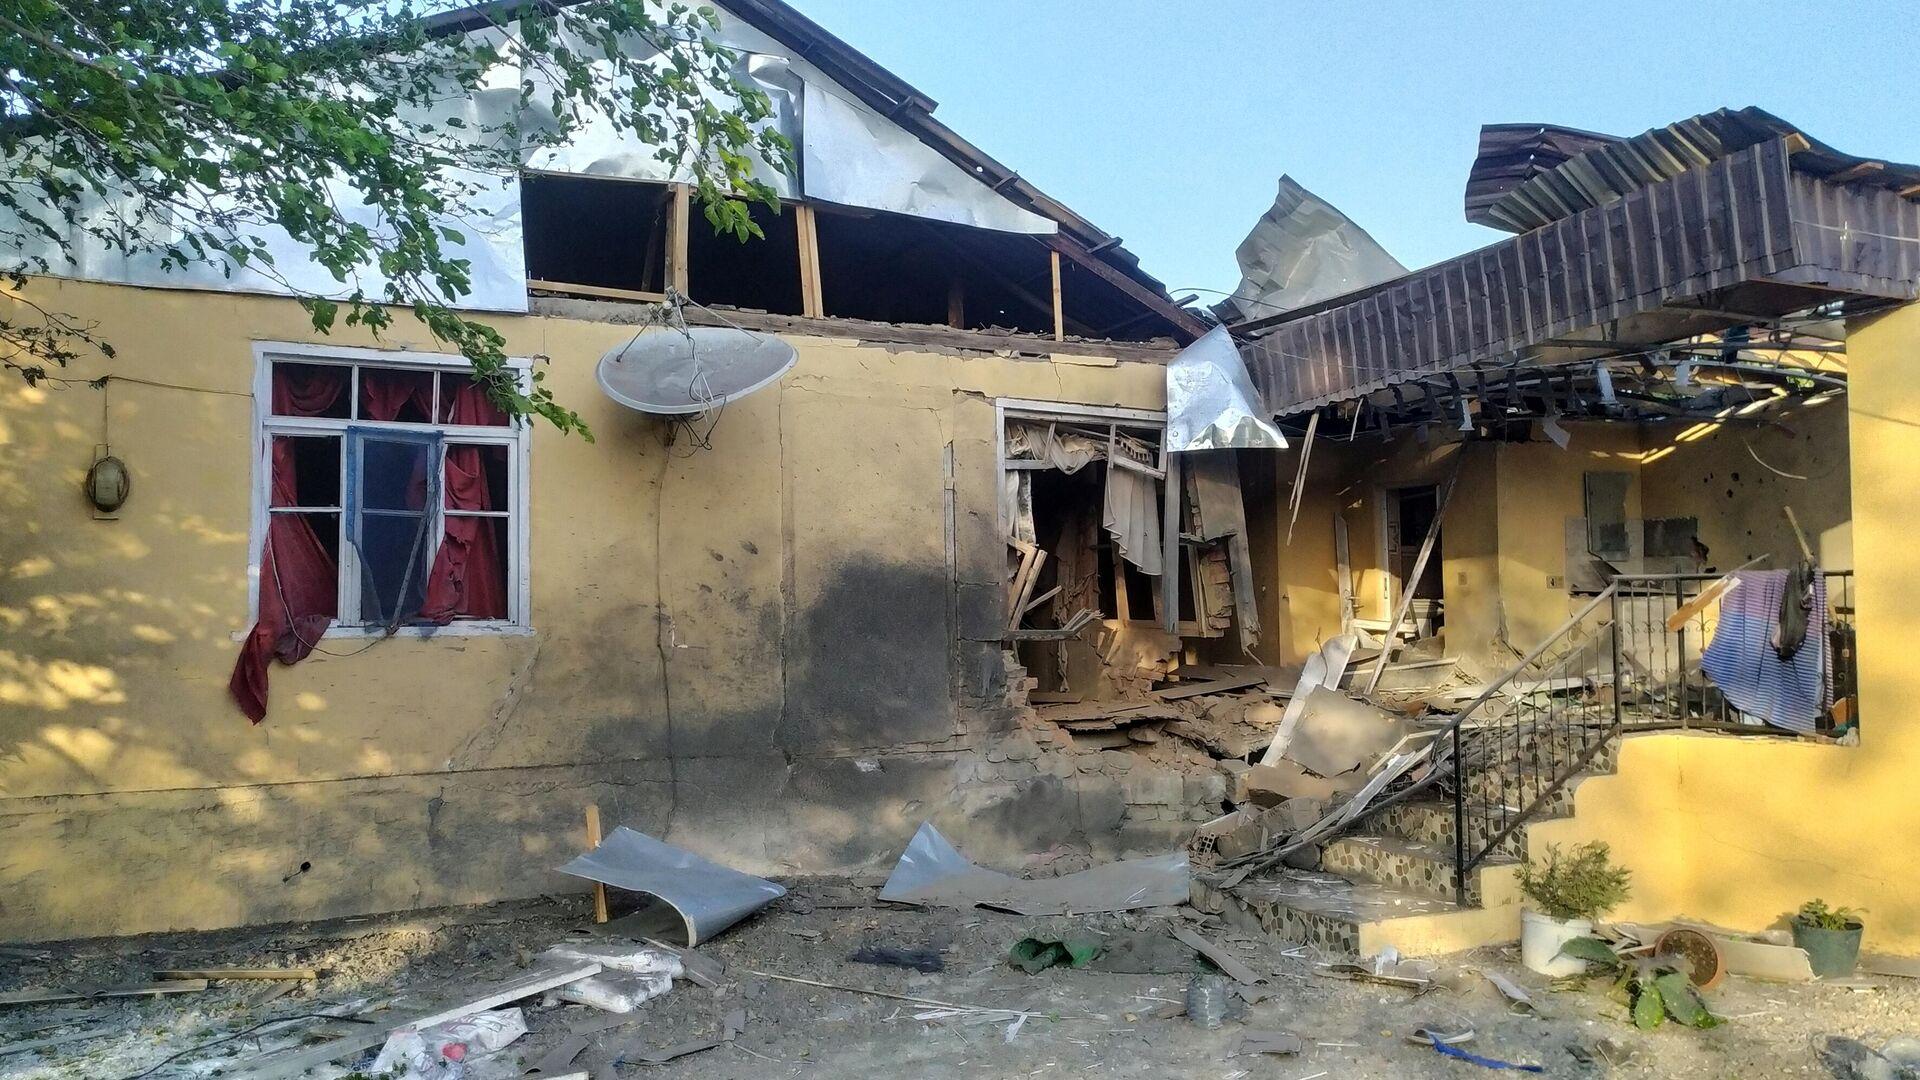 Разрушенный в результате обстрела жилой дом в Тертерском районе Азербайджана - РИА Новости, 1920, 27.09.2020